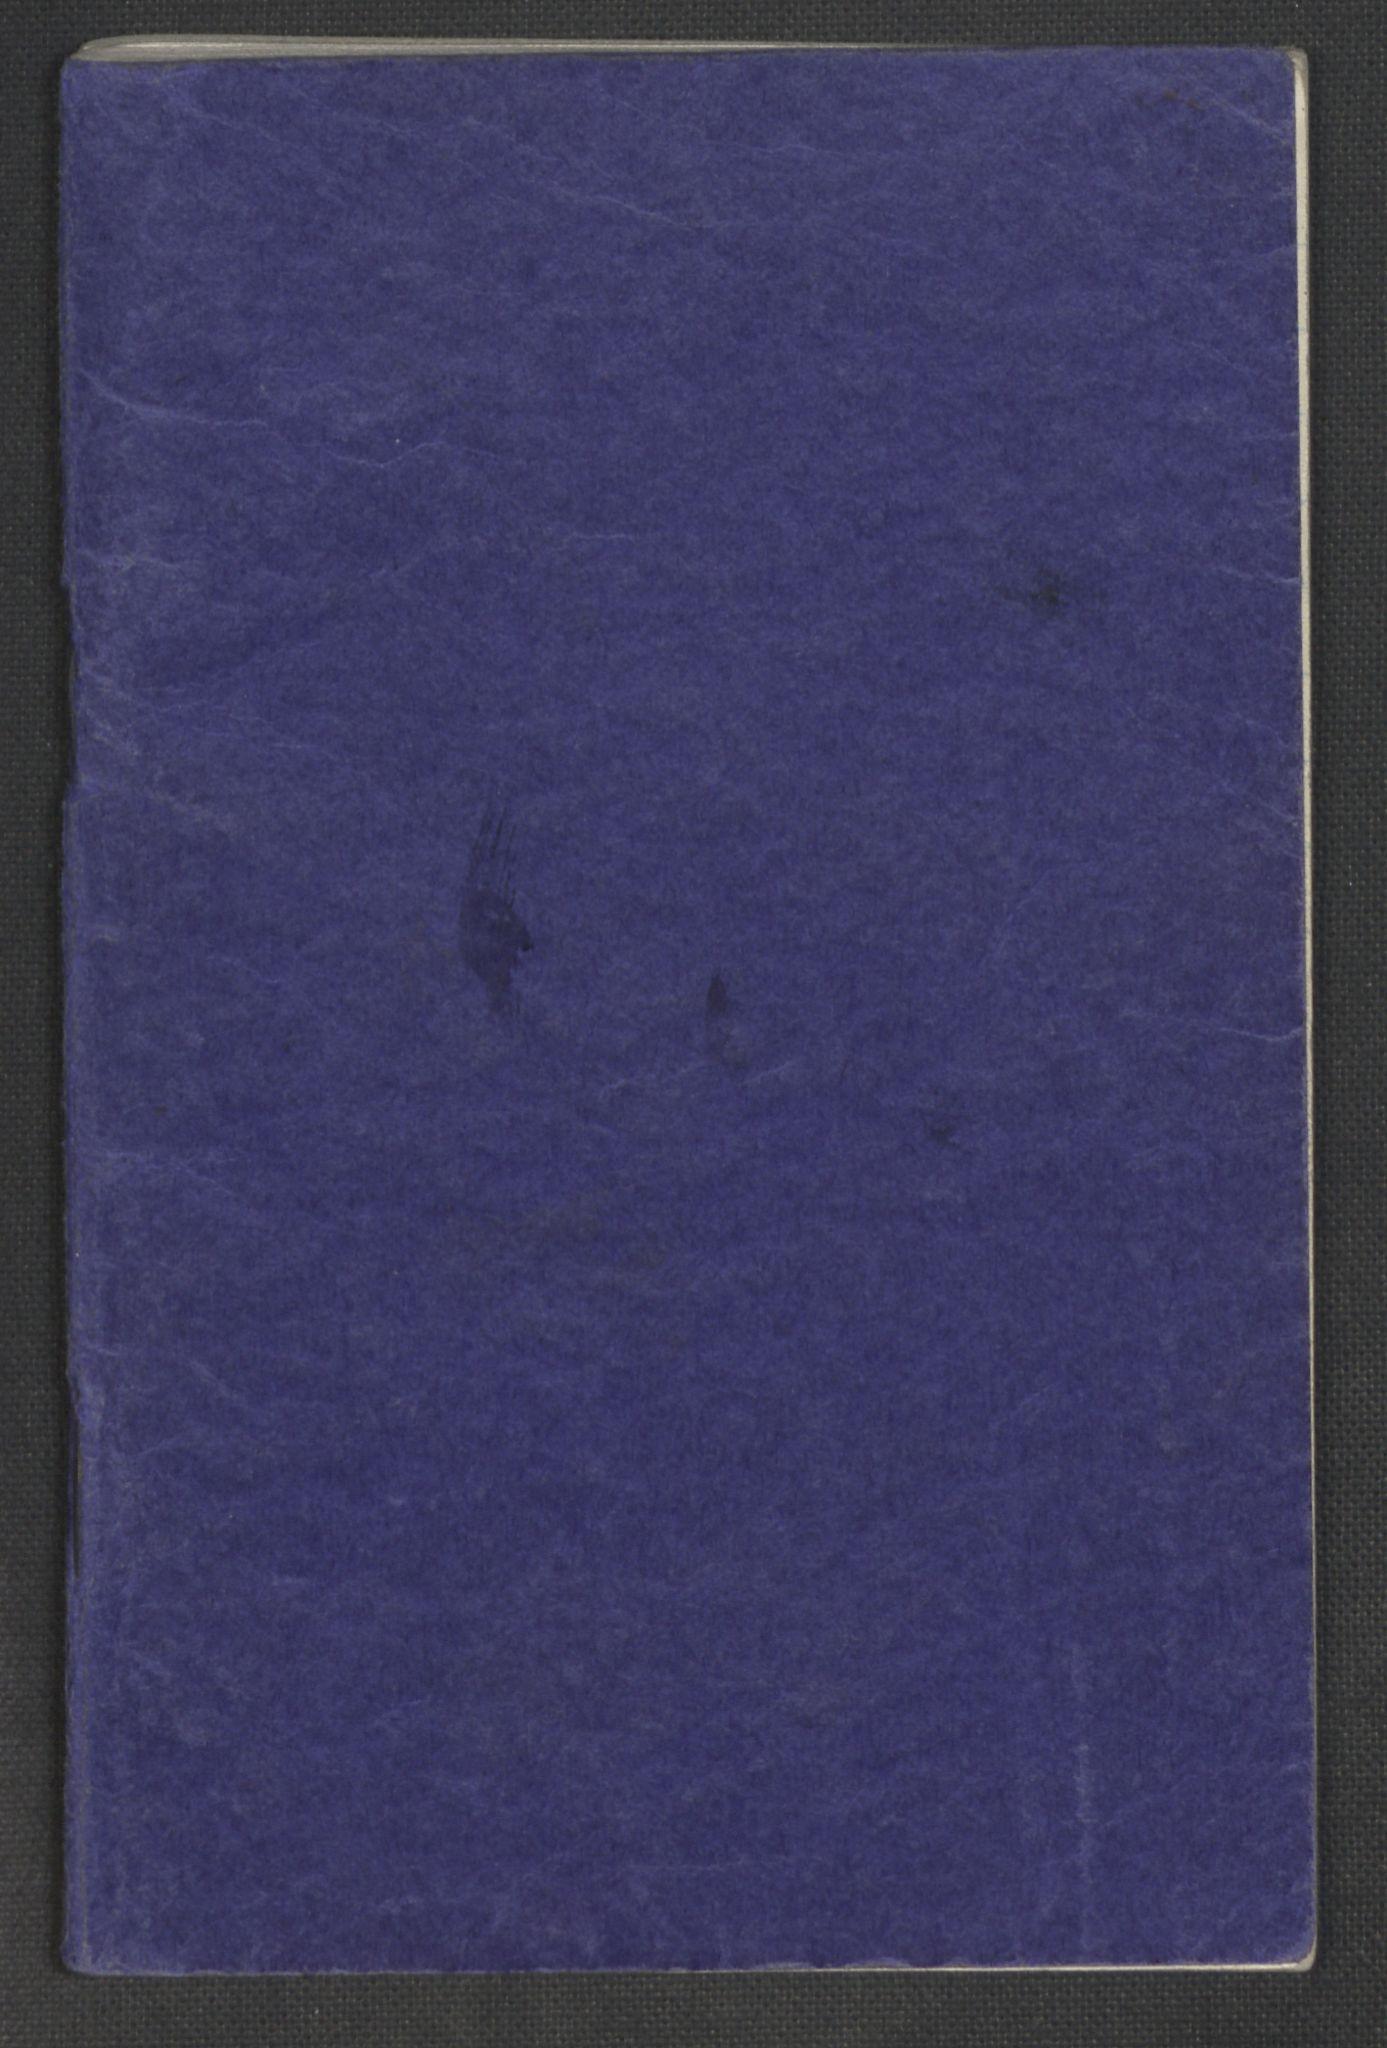 RA, Tronstad, Leif, F/L0001: Dagbøker, 1941-1945, s. 558